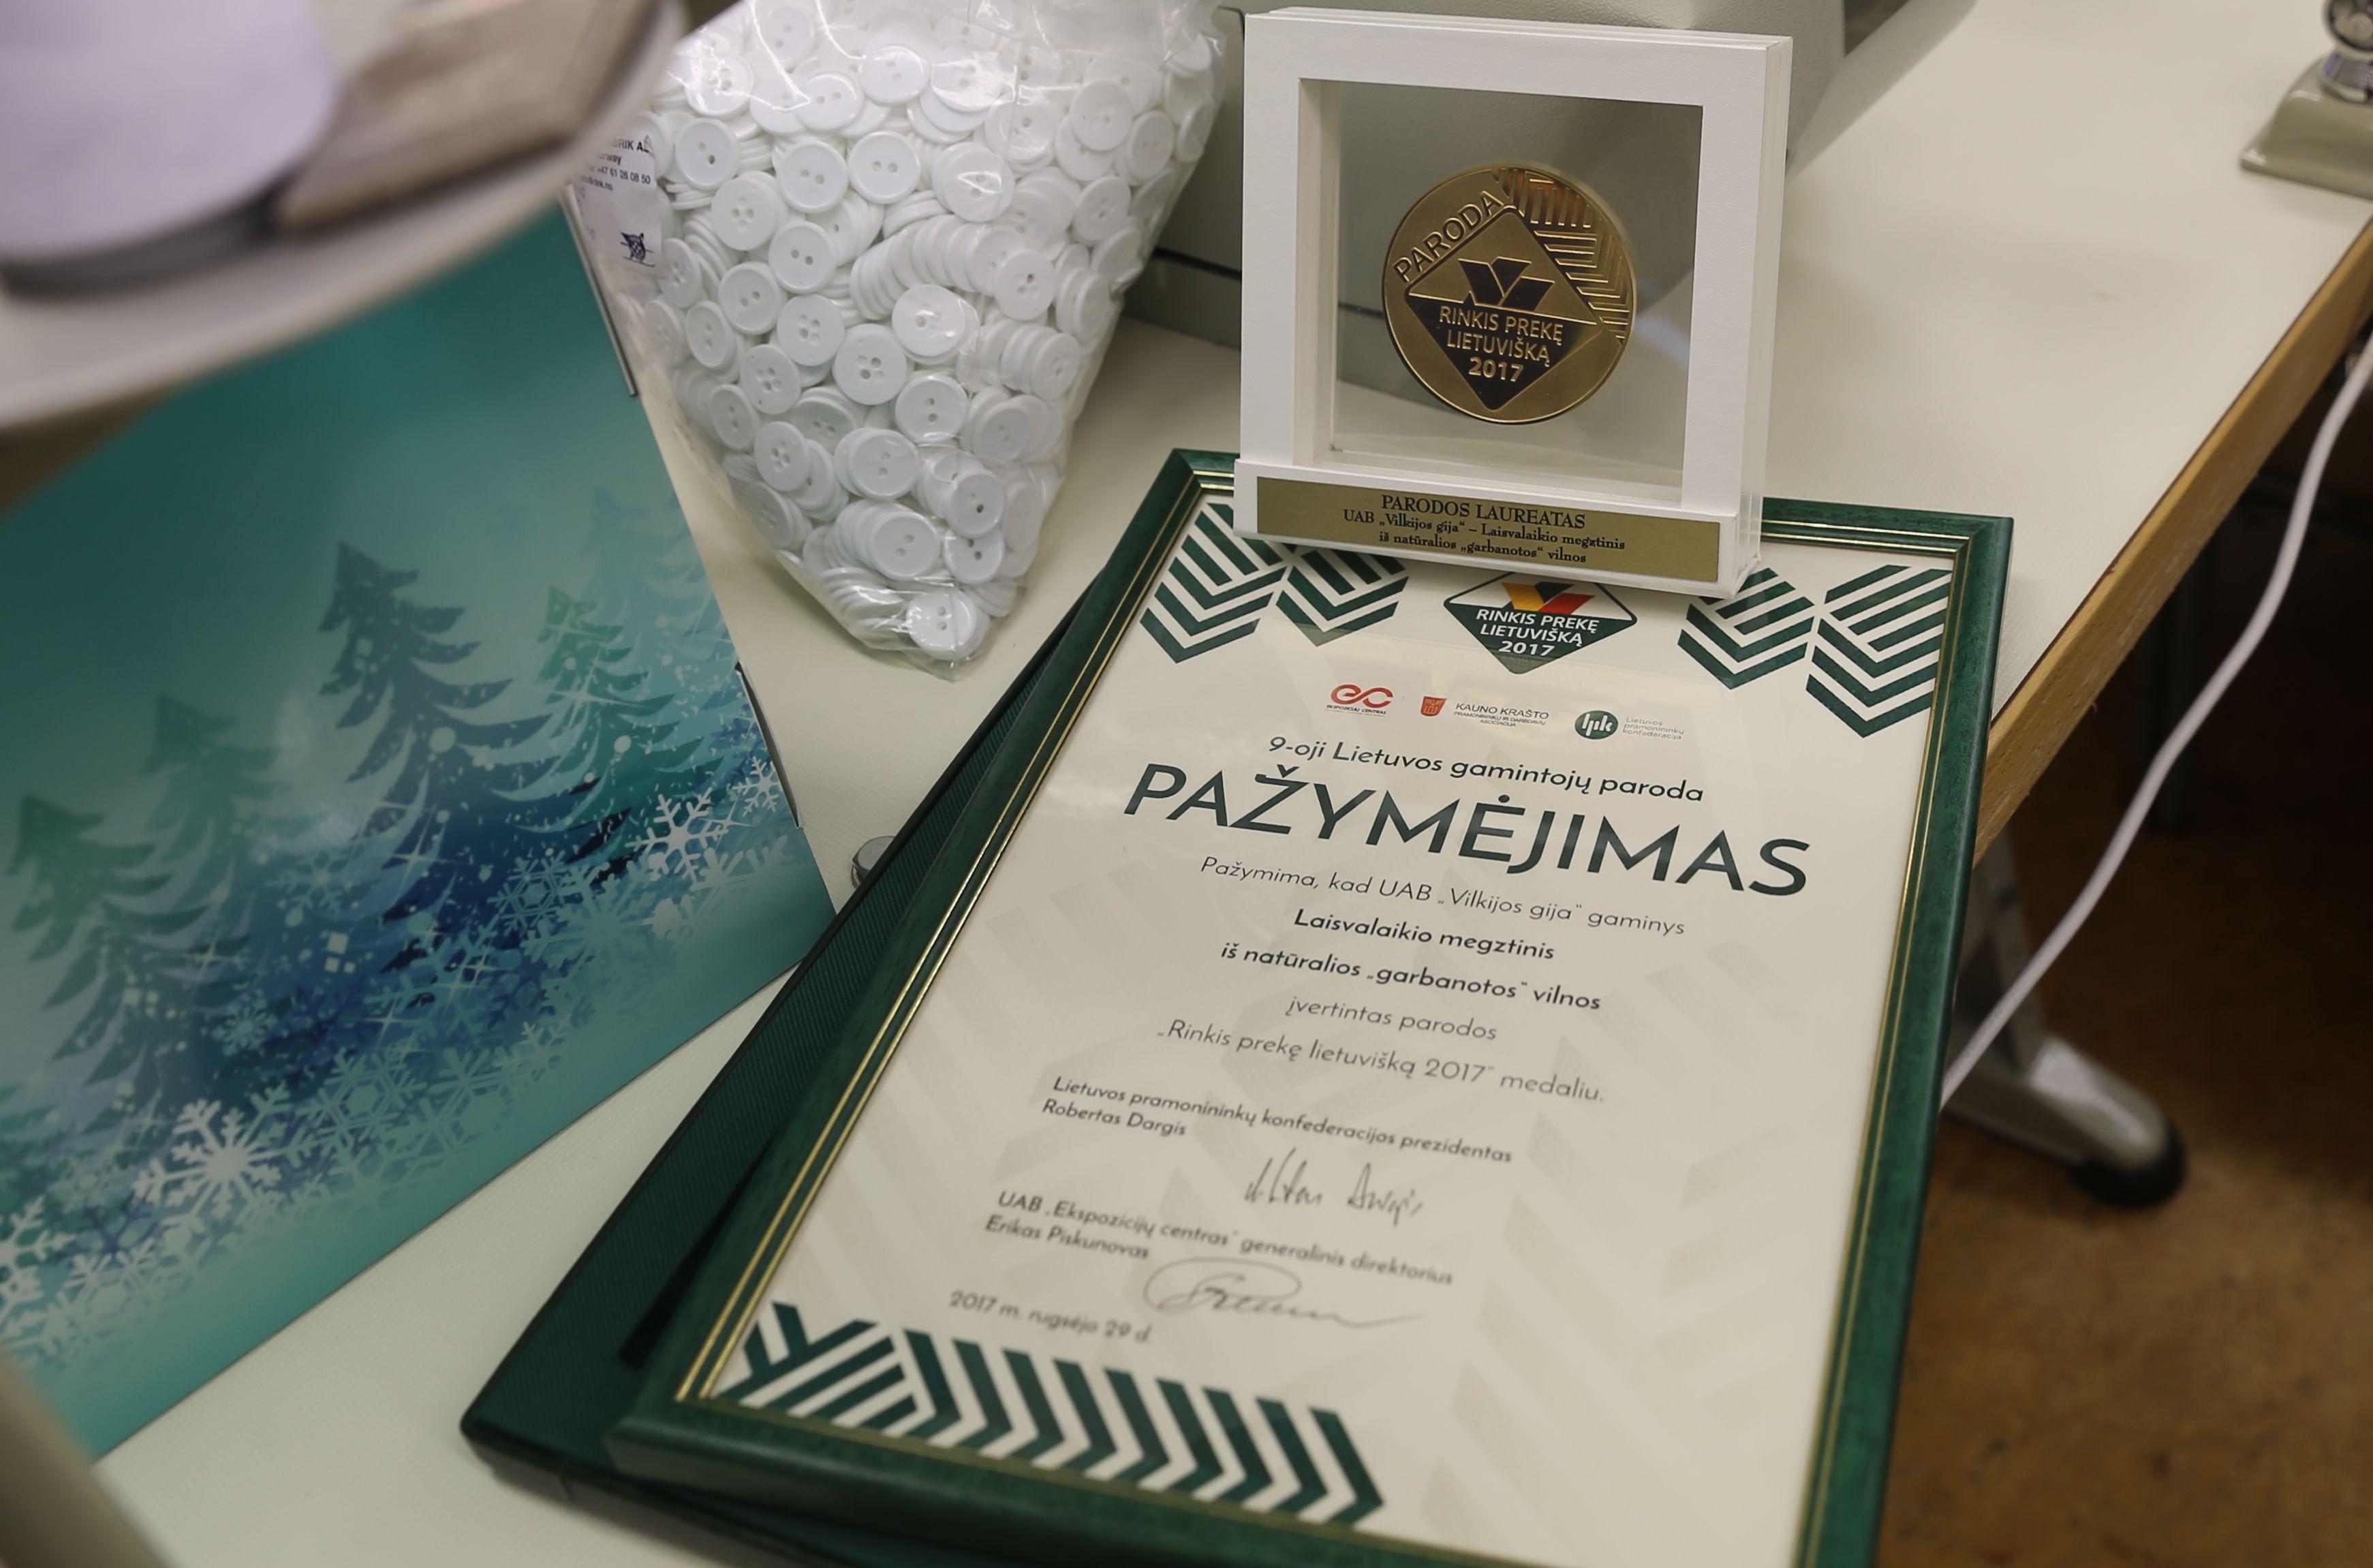 Trims pakaunės įmonėms – aukso medaliai | Kauno rajono savivaldybės nuotr.